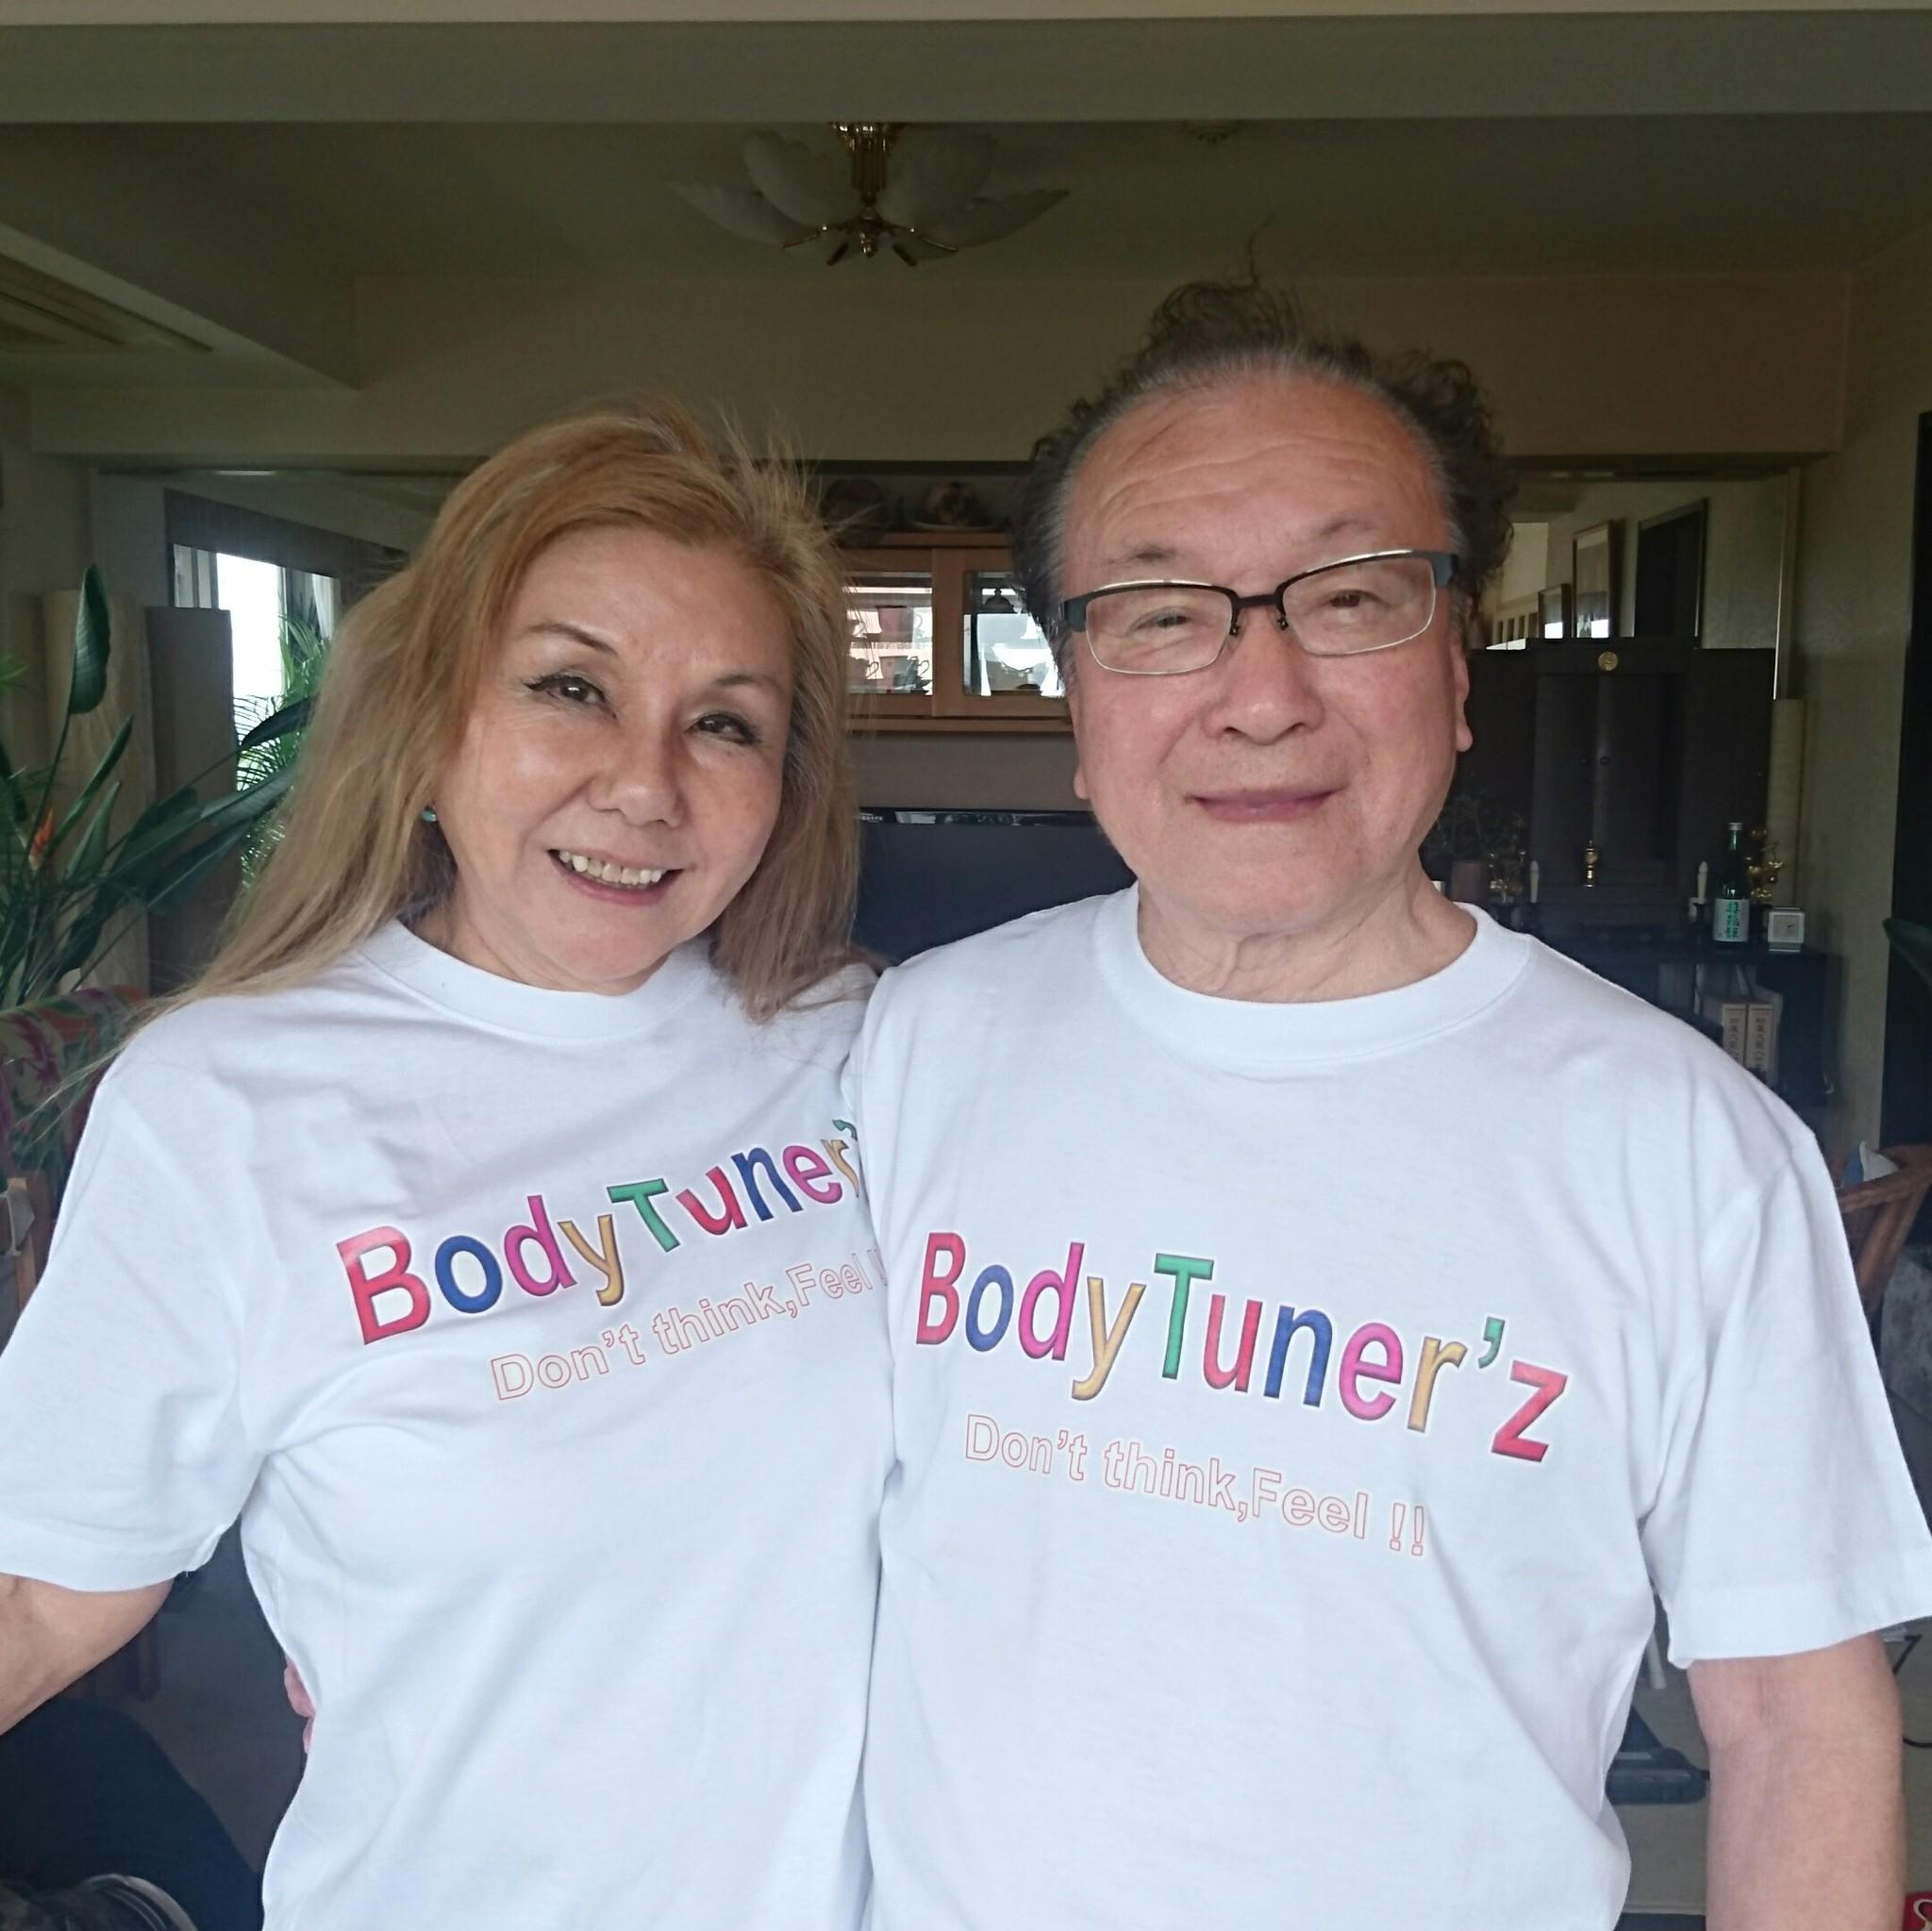 年齢性別を問わない、カラフルな胸プリントのホワイトTシャツ!